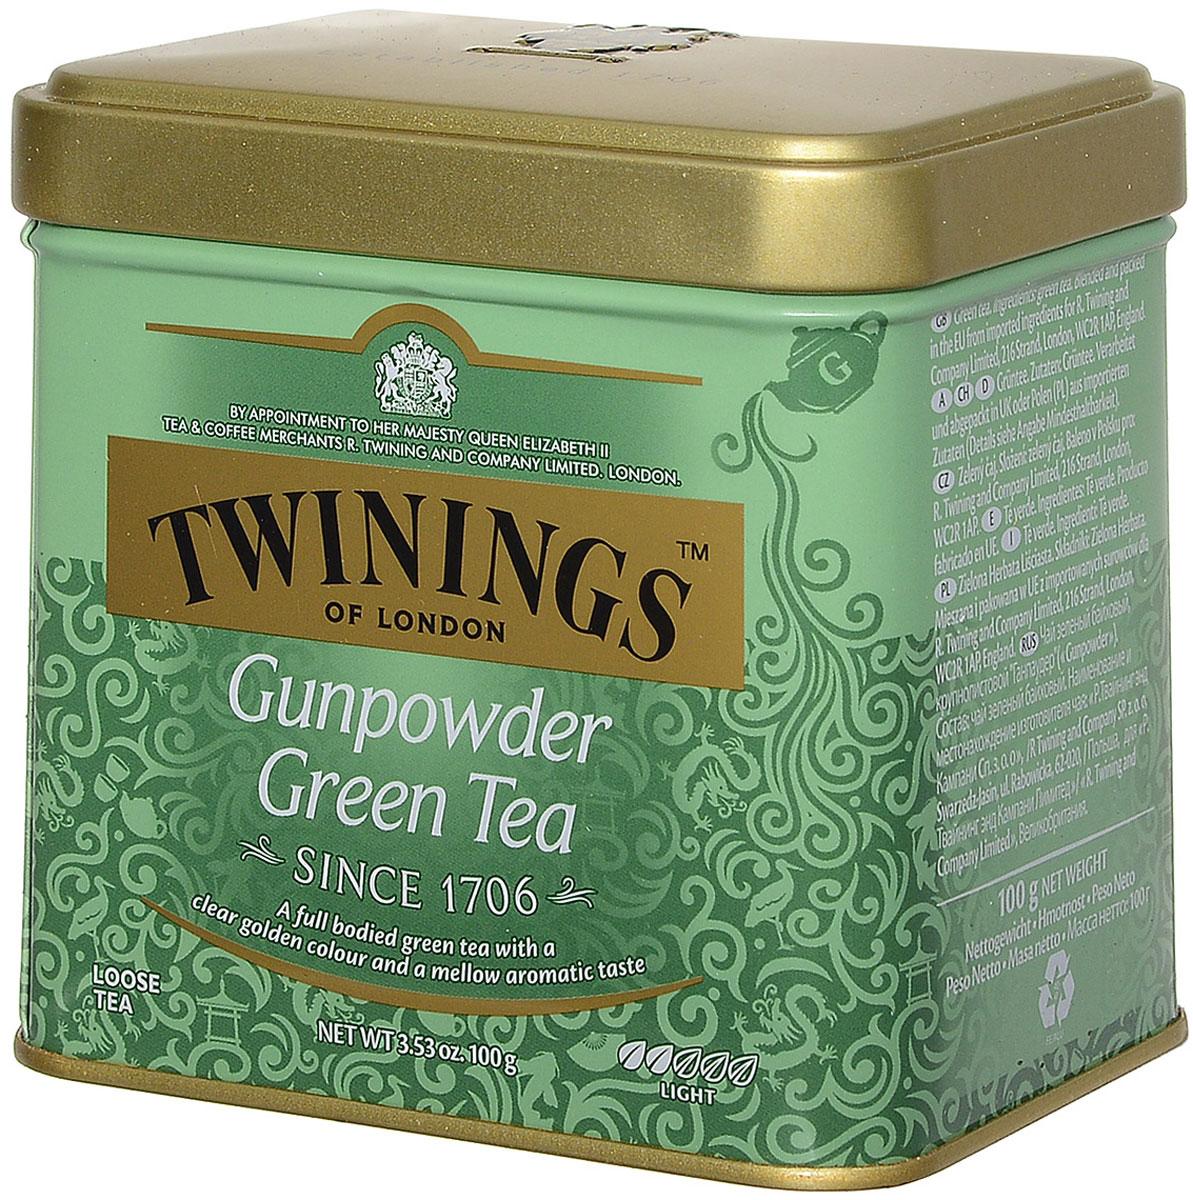 Twinings Gunpowder чай зеленый листовой, 100 г01946Twinings Gunpowder - крупнолистовой зеленый чай, скрученный в форме пороха, имеет вид мелкой дроби или картечи. При заваривании получается душистый прозрачный напиток светло-золотистого цвета с мягким бархатистым вкусом.